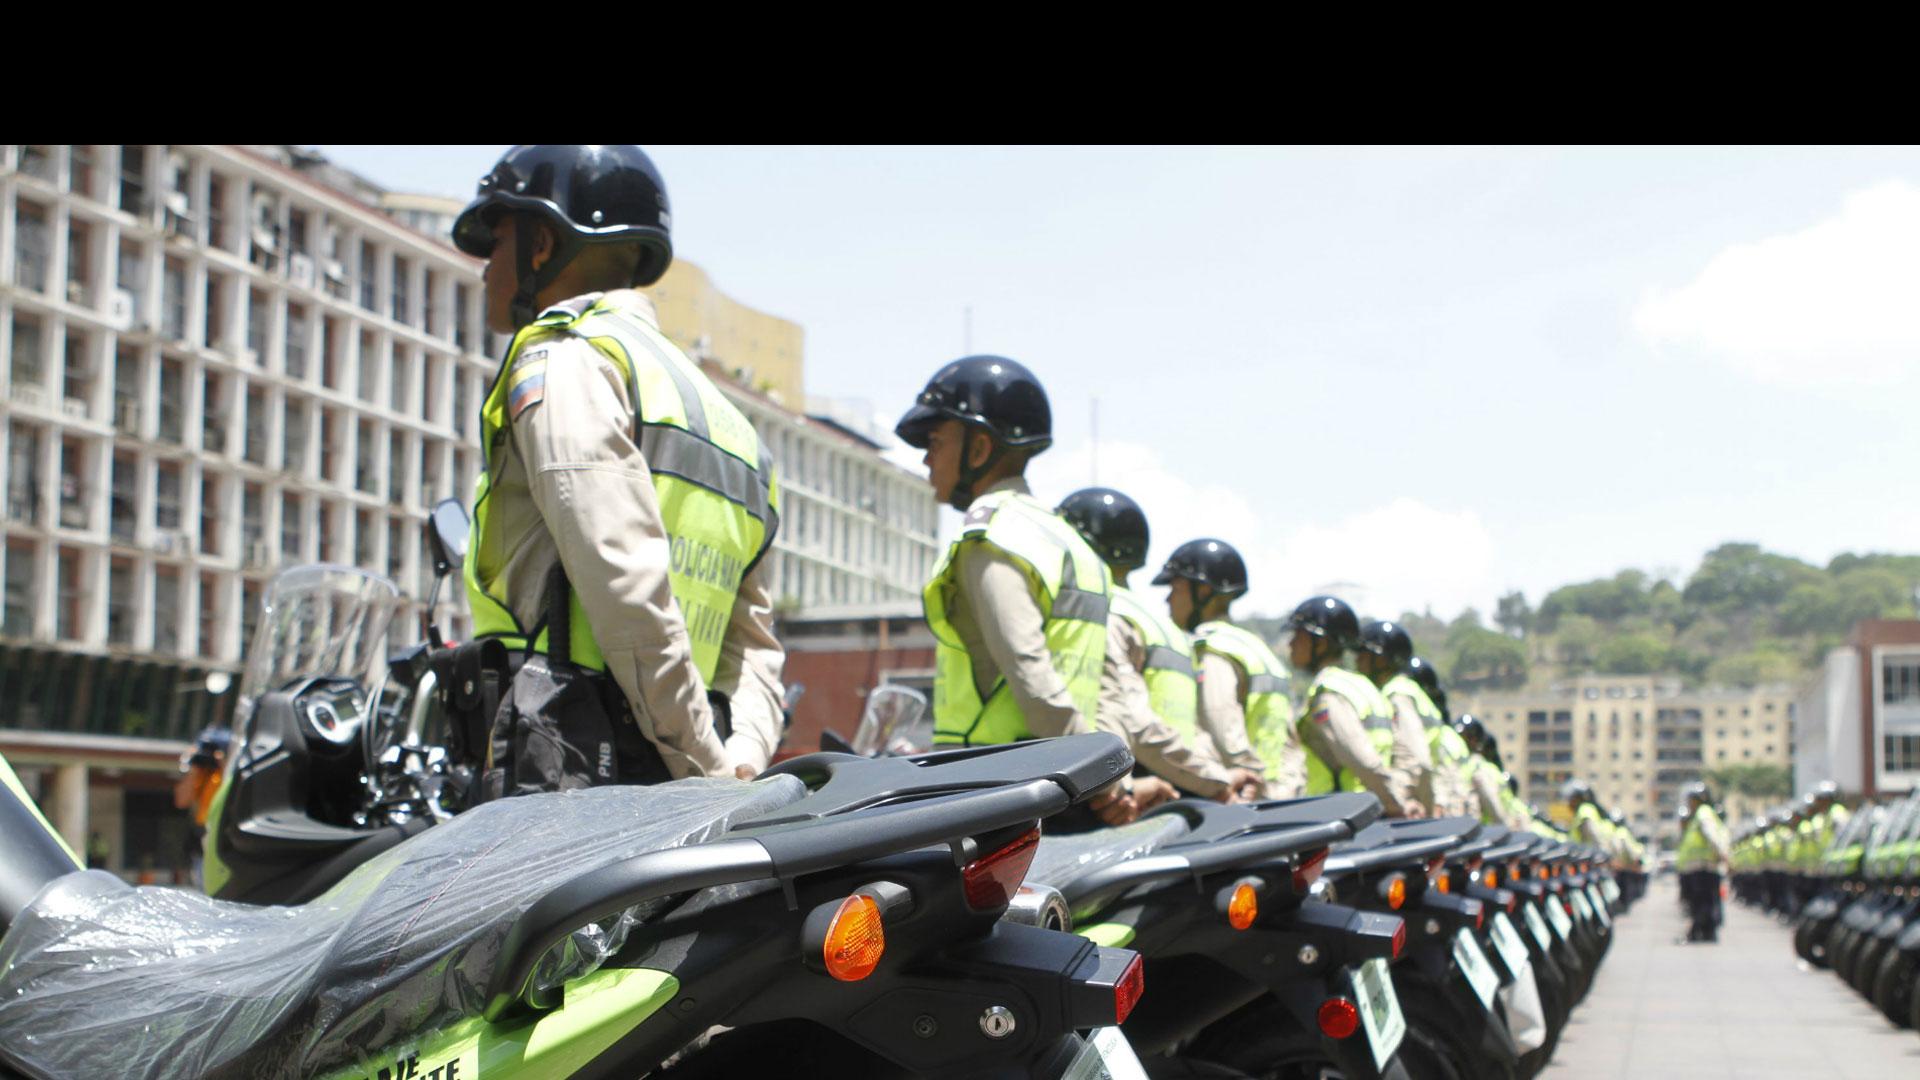 Con este asesinato asciende a 82 el número de efectivos policiales muertos en la Gran Caracas en lo que va de año